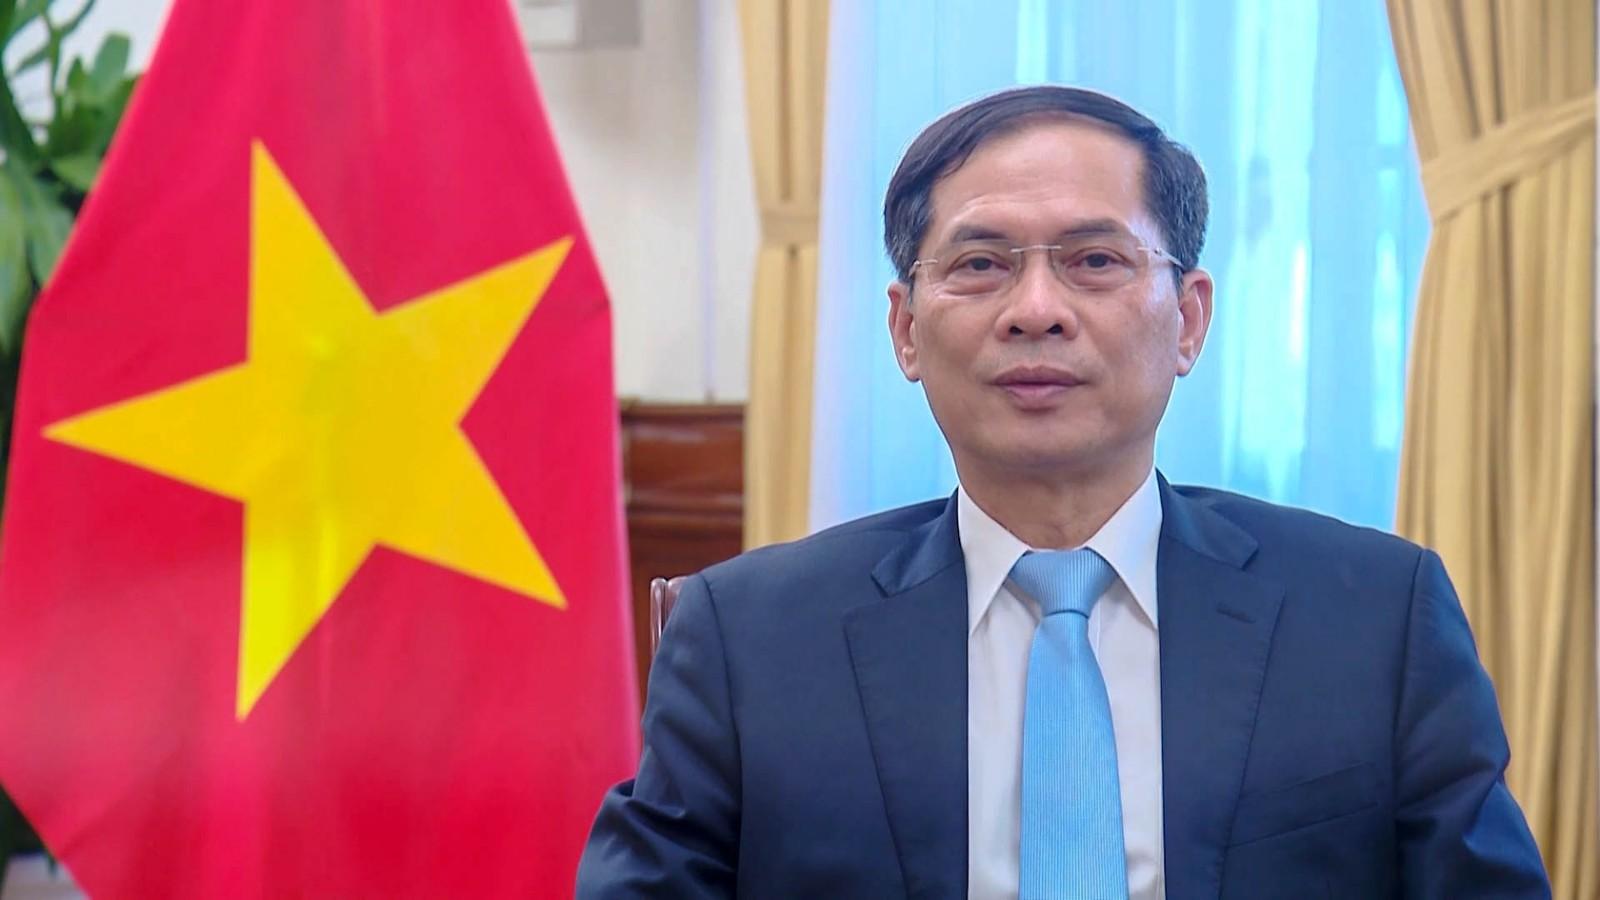 Bộ trưởng Ngoại giao Bùi Thanh Sơn phát biểu trực tuyến tại Hội nghị Liên Hợp Quốc về Thương mại và Phát triển (UNCTAD) lần thứ 15 hôm nay. Ảnh: BNG.